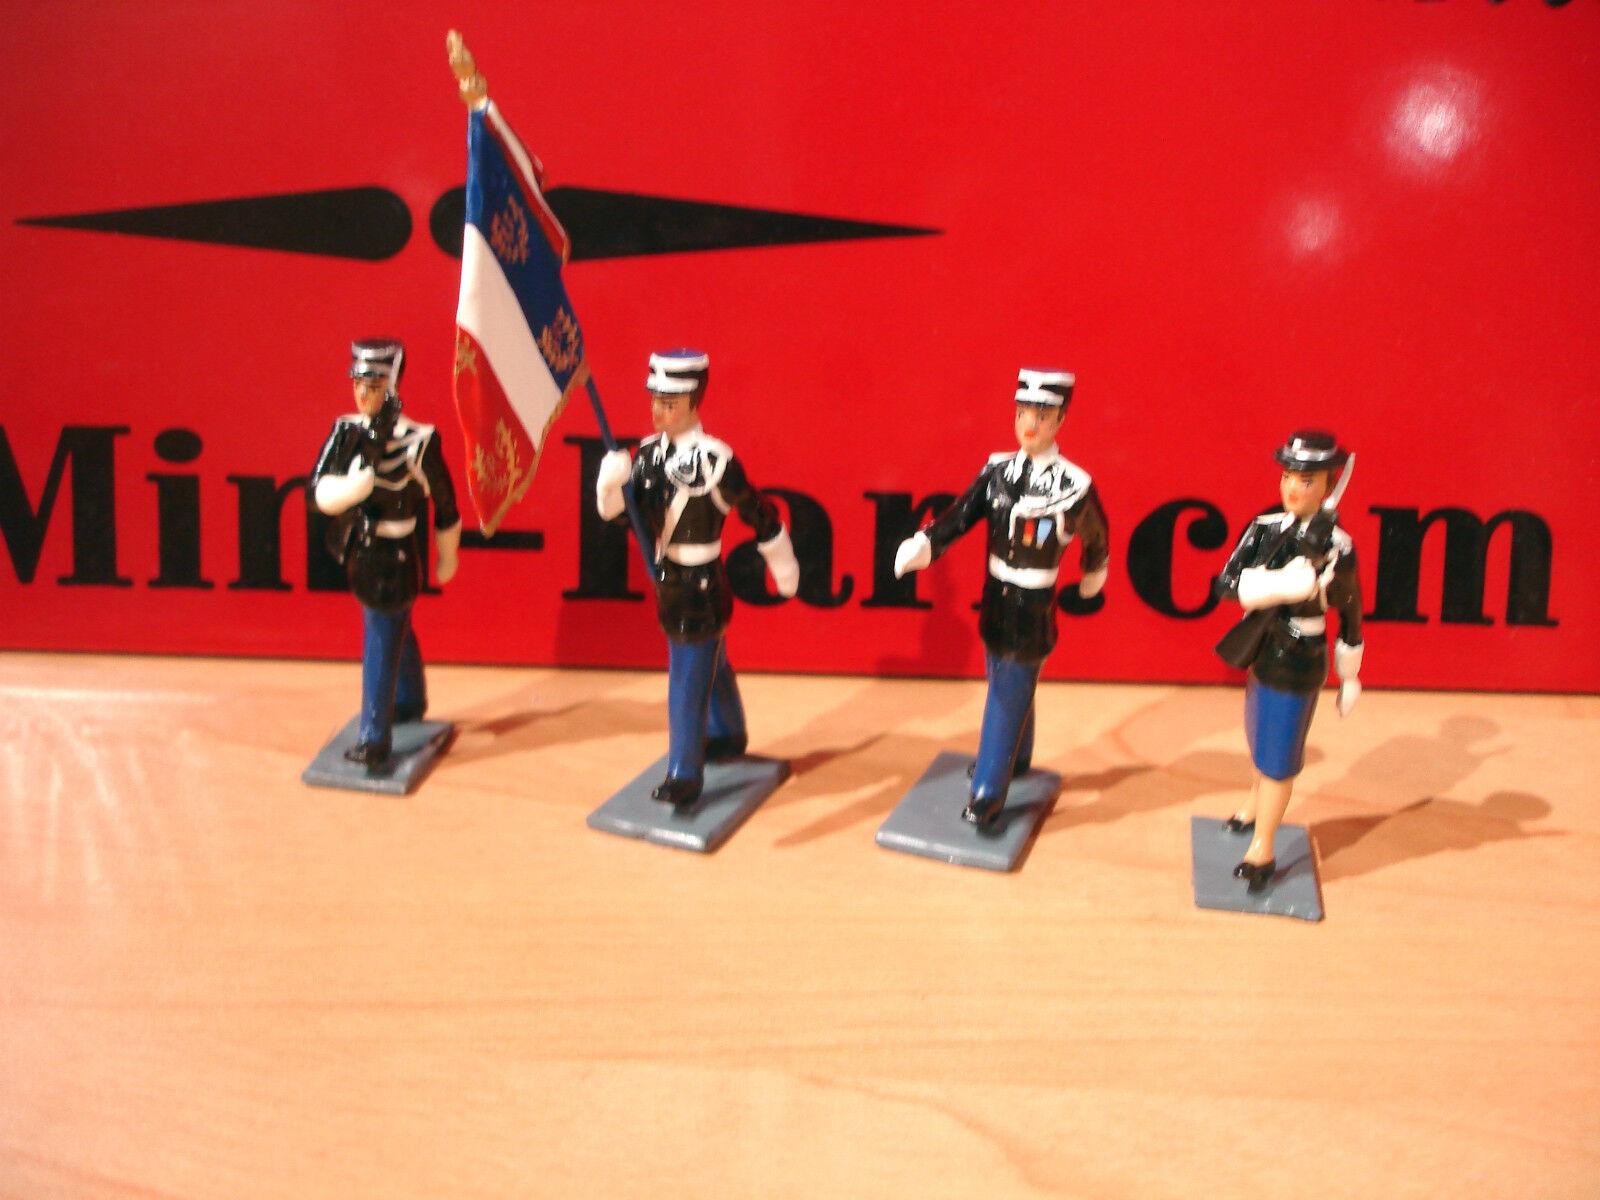 CBG mignot Ecole gendarmerie constable guard  flag lead figure toy soldier  marques de créateurs bon marché